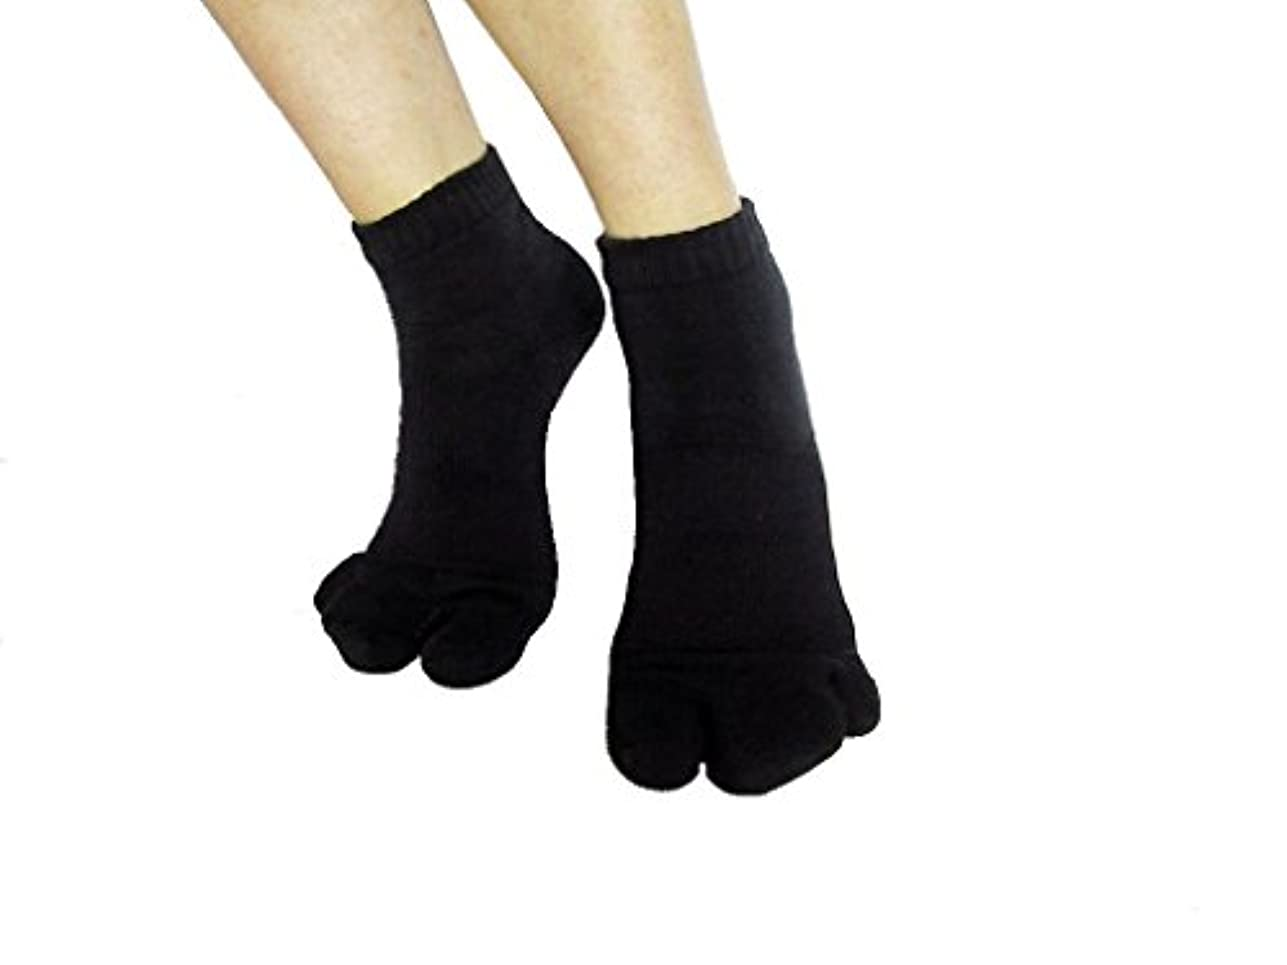 マルクス主義者かなりの学者カサハラ式サポーター ホソックス3本指 テーピング靴下 ブラック M23.5-23.5cm